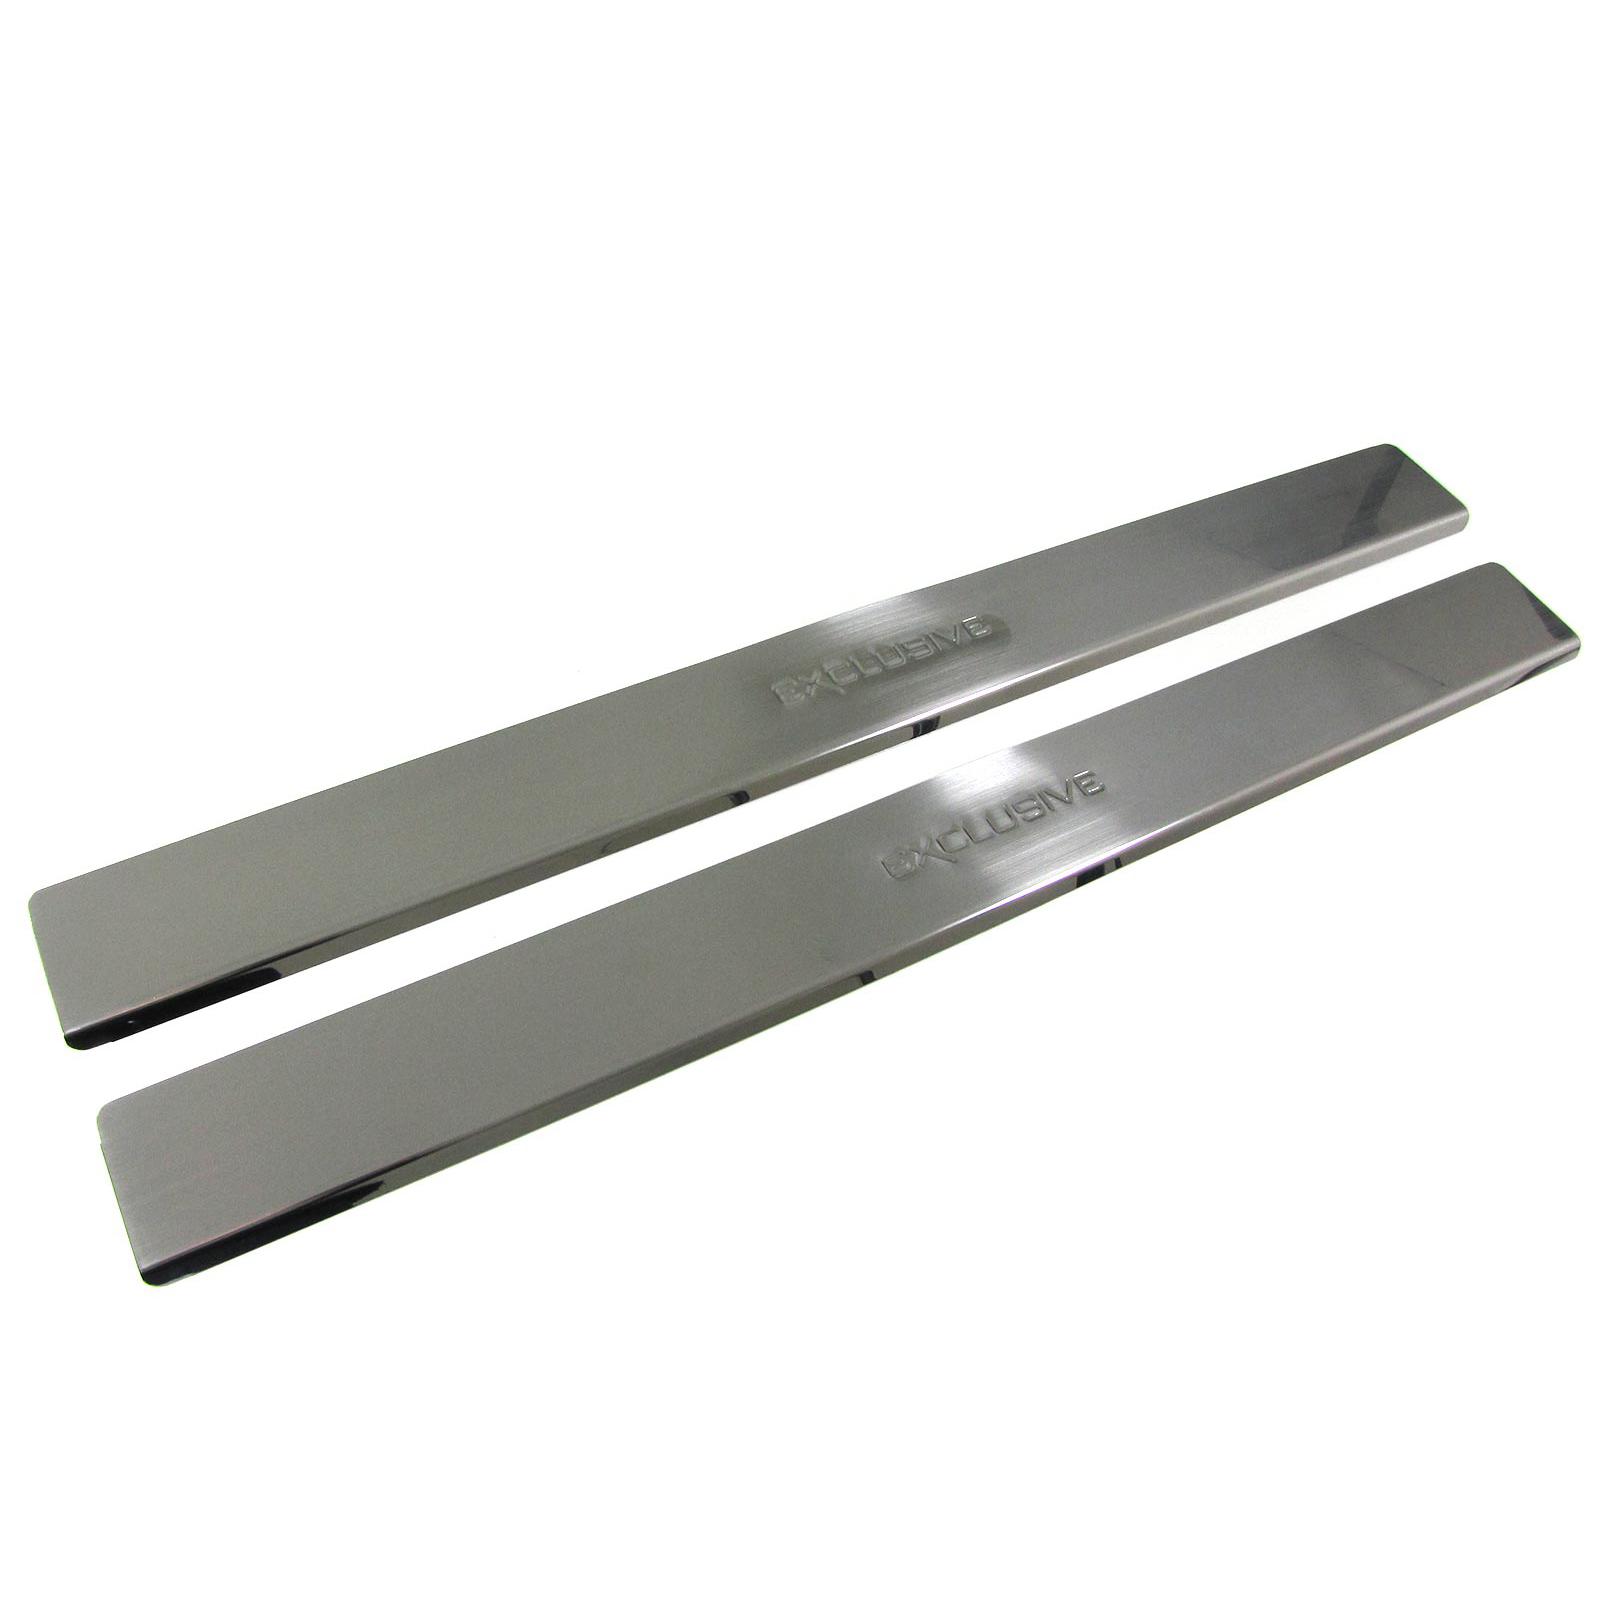 Einstiegsleisten Schutz schwarz Exclusive für Opel Astra H Coupe GTC 04-09